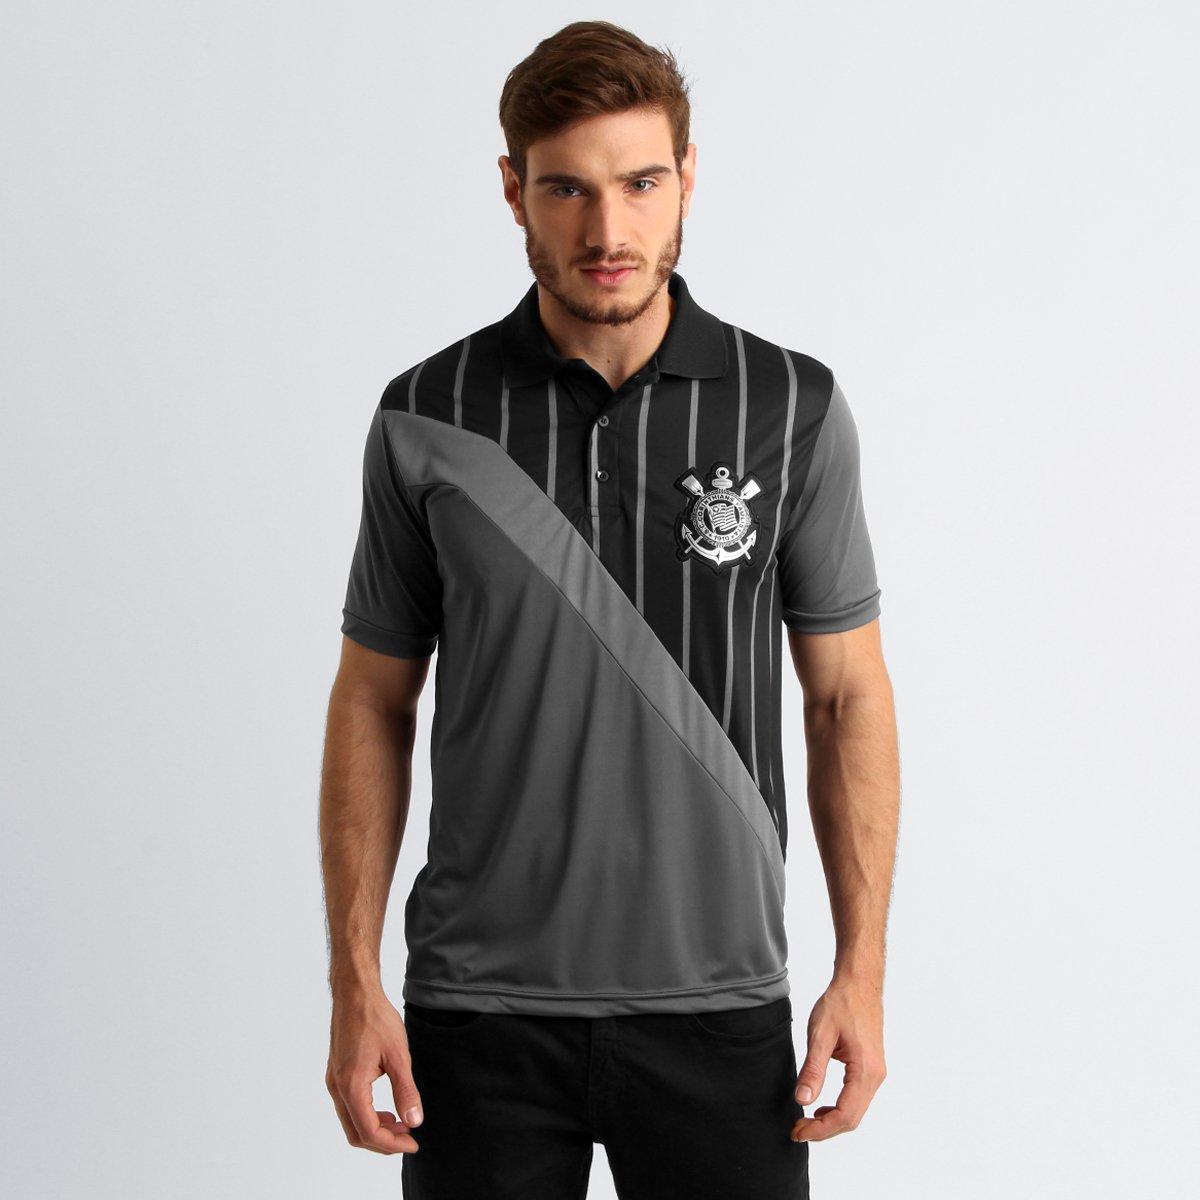 0b5e61d20363d Camisa Polo Corinthians Porthos Masculina - Compre Agora